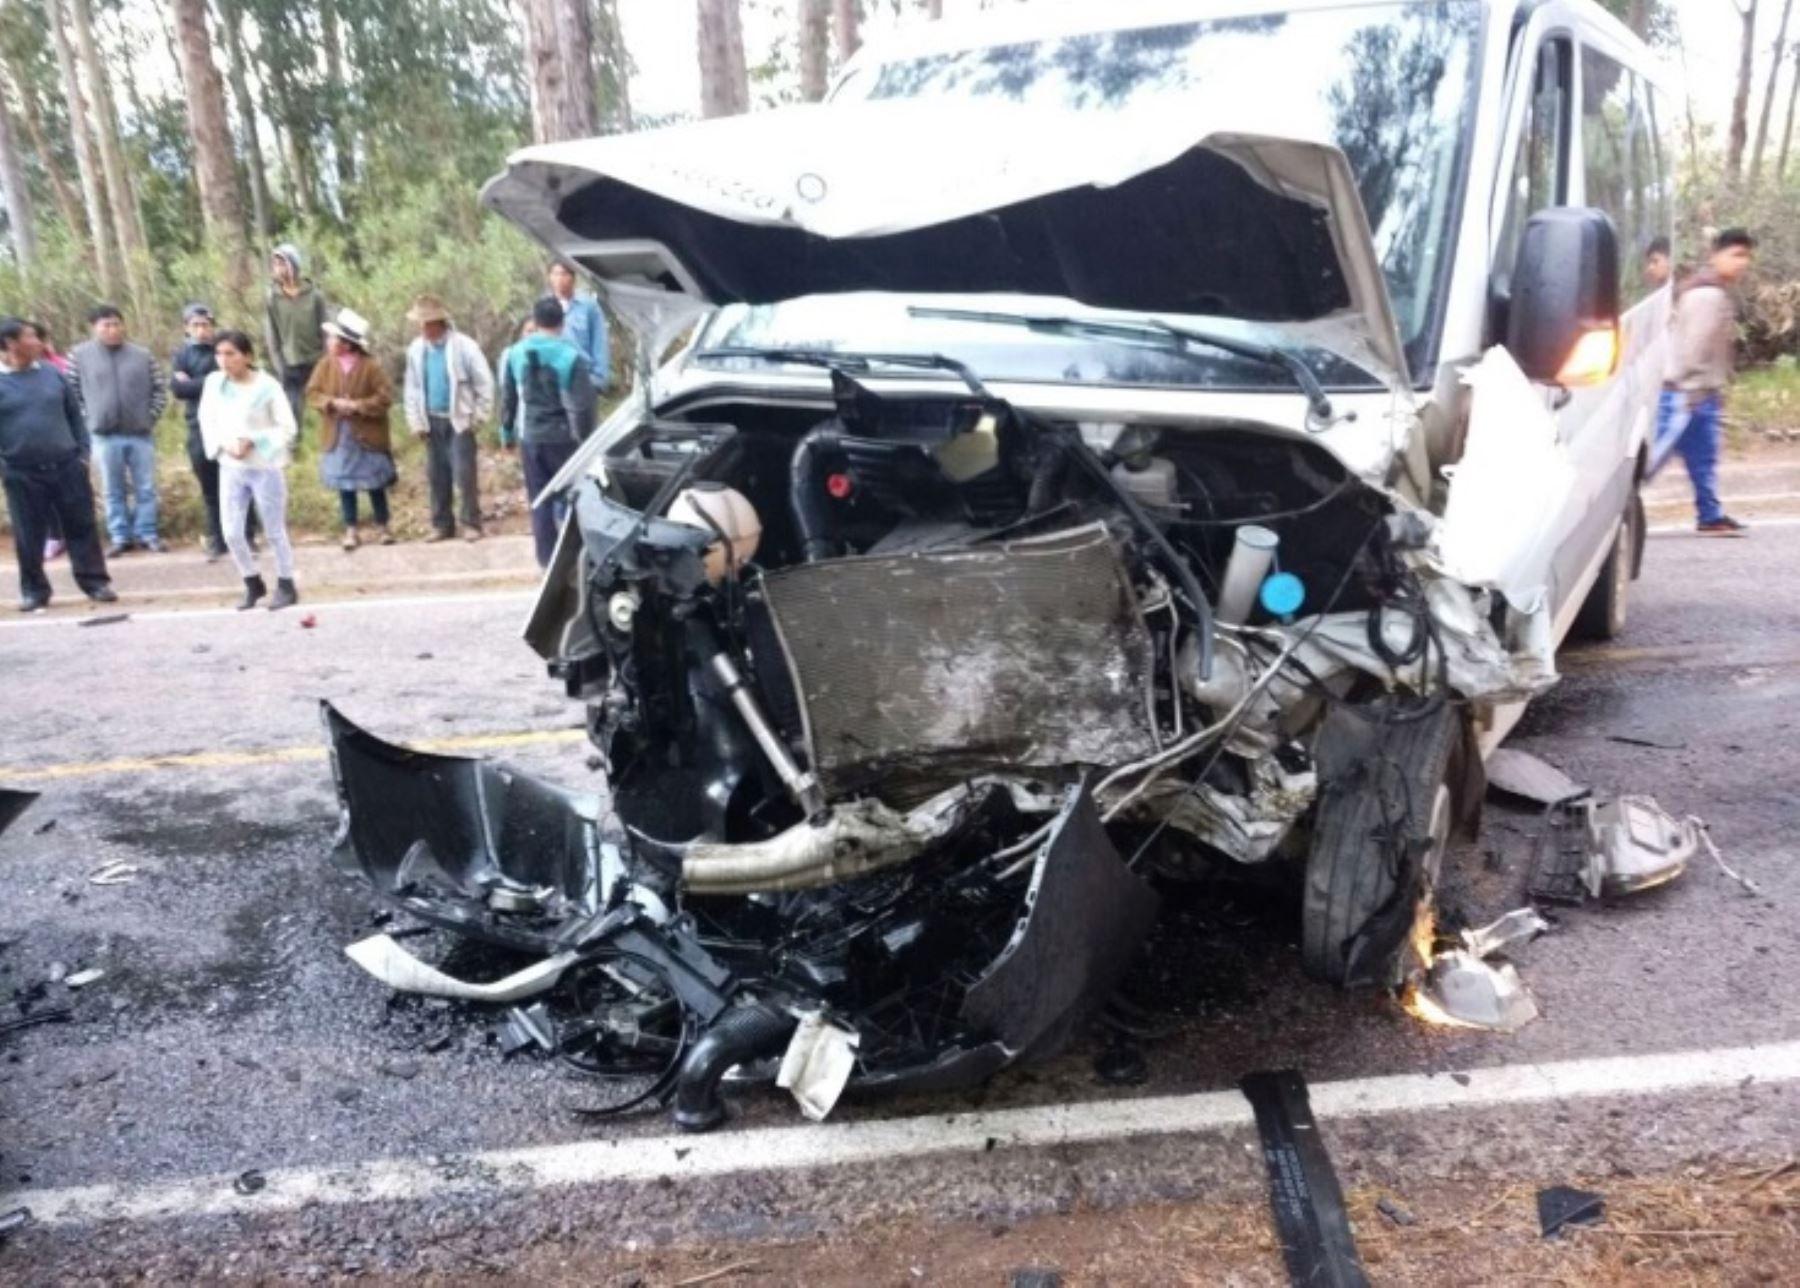 Recomiendan subir a autómoviles con SOAT vigente para hacer uso inmediato de cobertura que ofrece a personas por accidentes de tránsito. ANDINA/Difusión